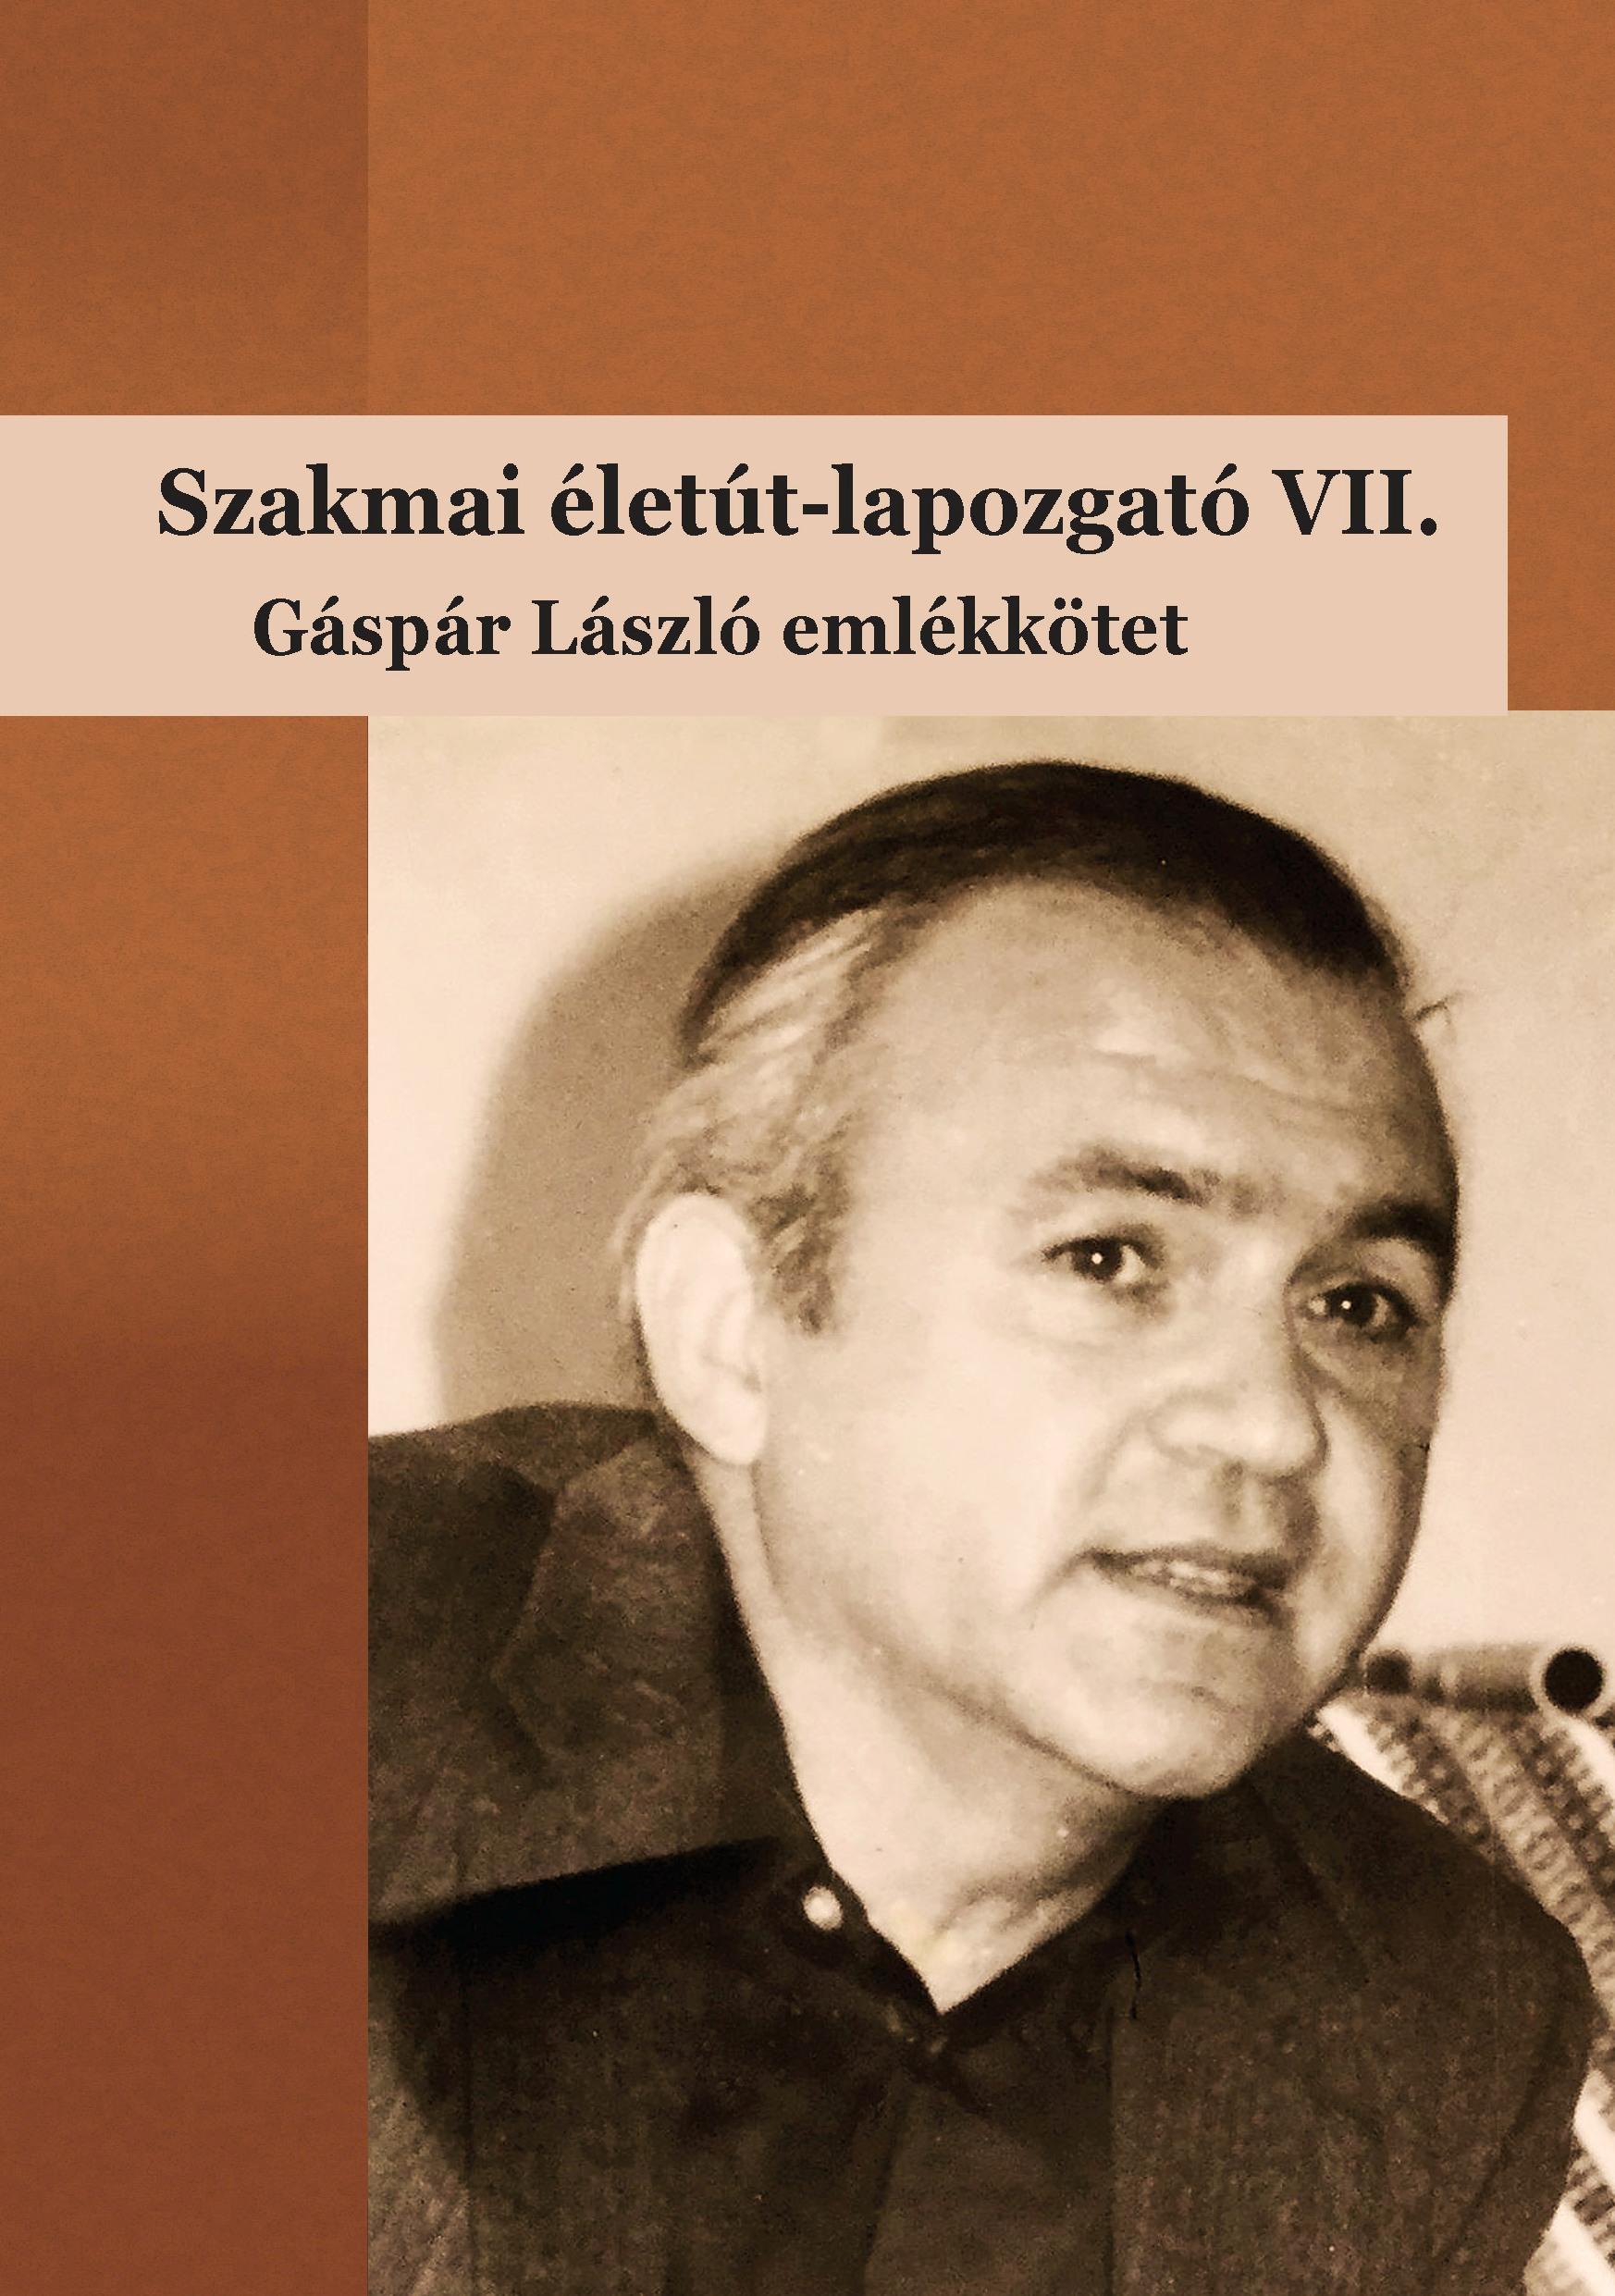 BÁRDOSSY ILDIKÓ, MOLNÁR-KOVÁCS ZSÓFIA (S - SZAKMAI ÉLETÚT-LAPOZGATÓ VII. - GÁSPÁR LÁSZLÓ EMLÉKKÖTET